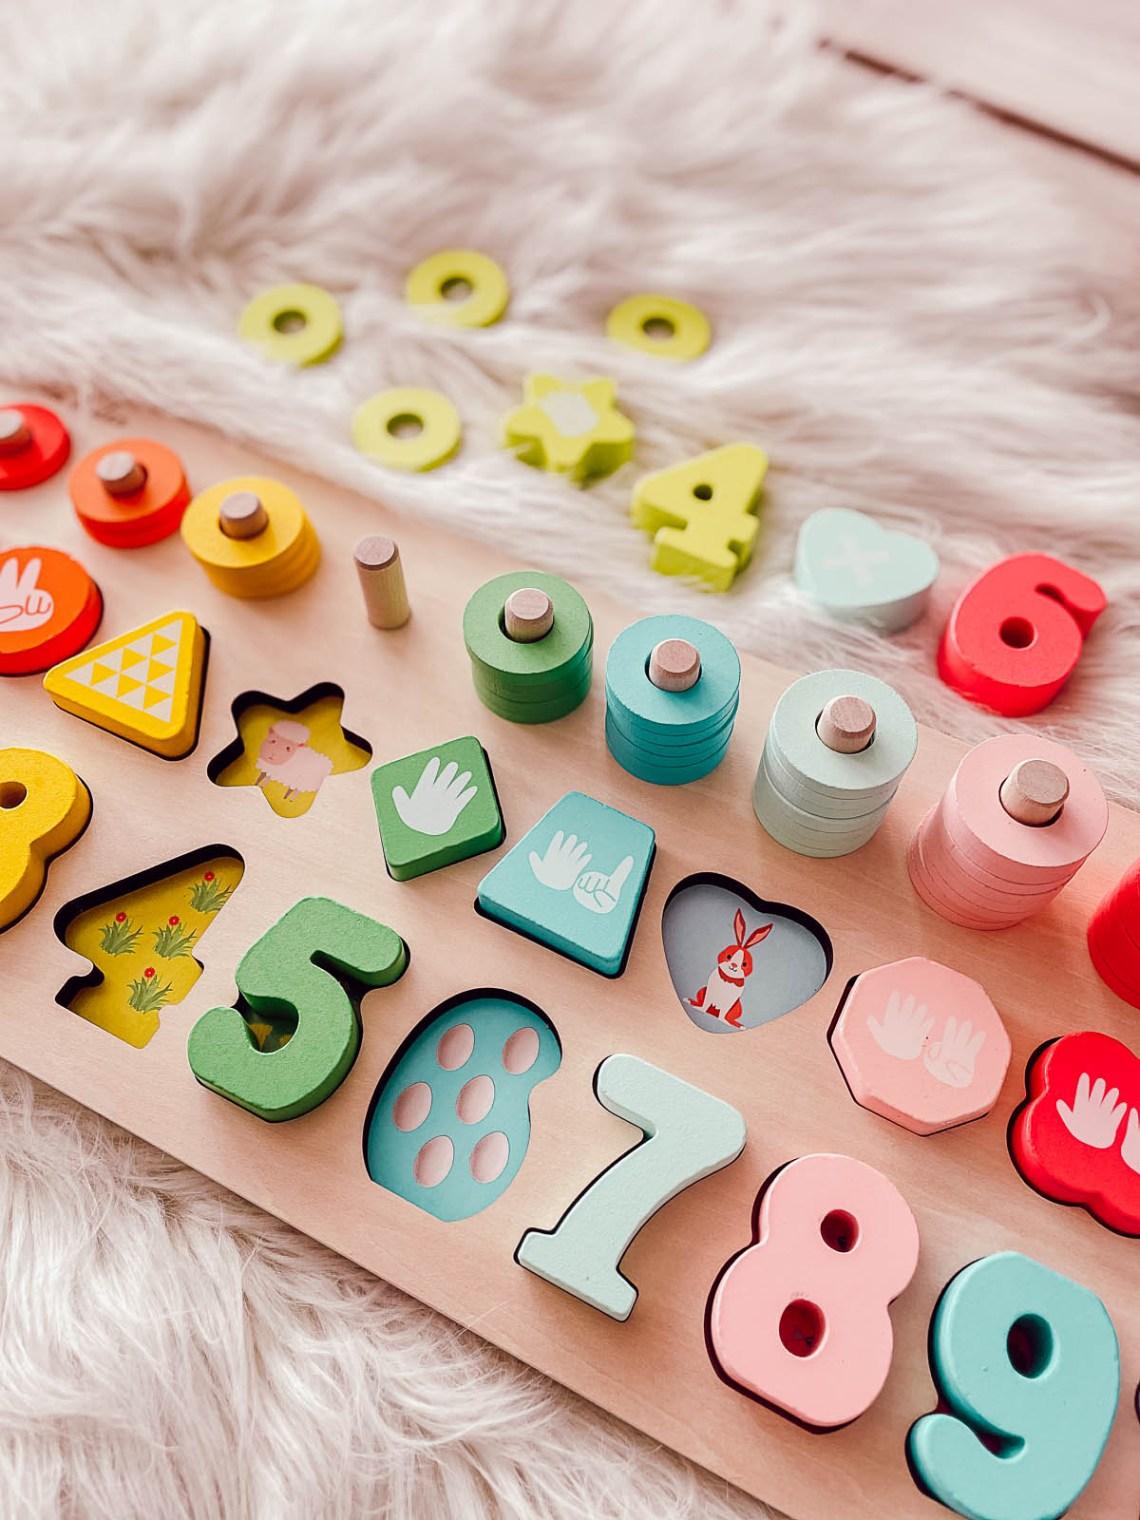 La playboard Max et Léa, jouet ludique inspiré par Montessori pour les enfants